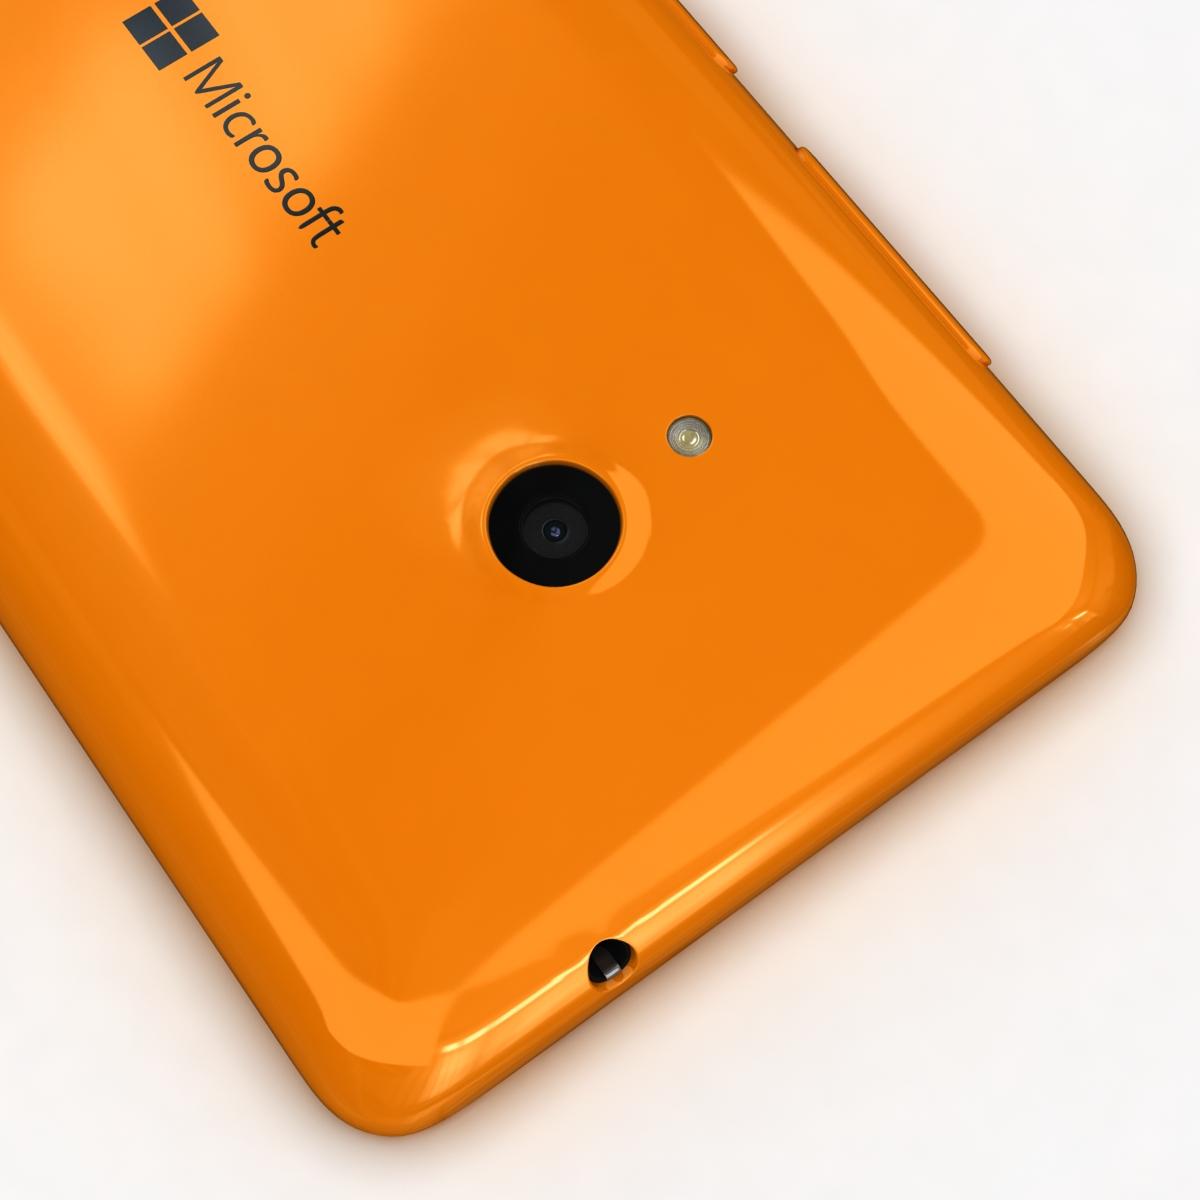 microsoft lumia 535 and dual sim all colors 3d model 3ds max fbx c4d obj 204665